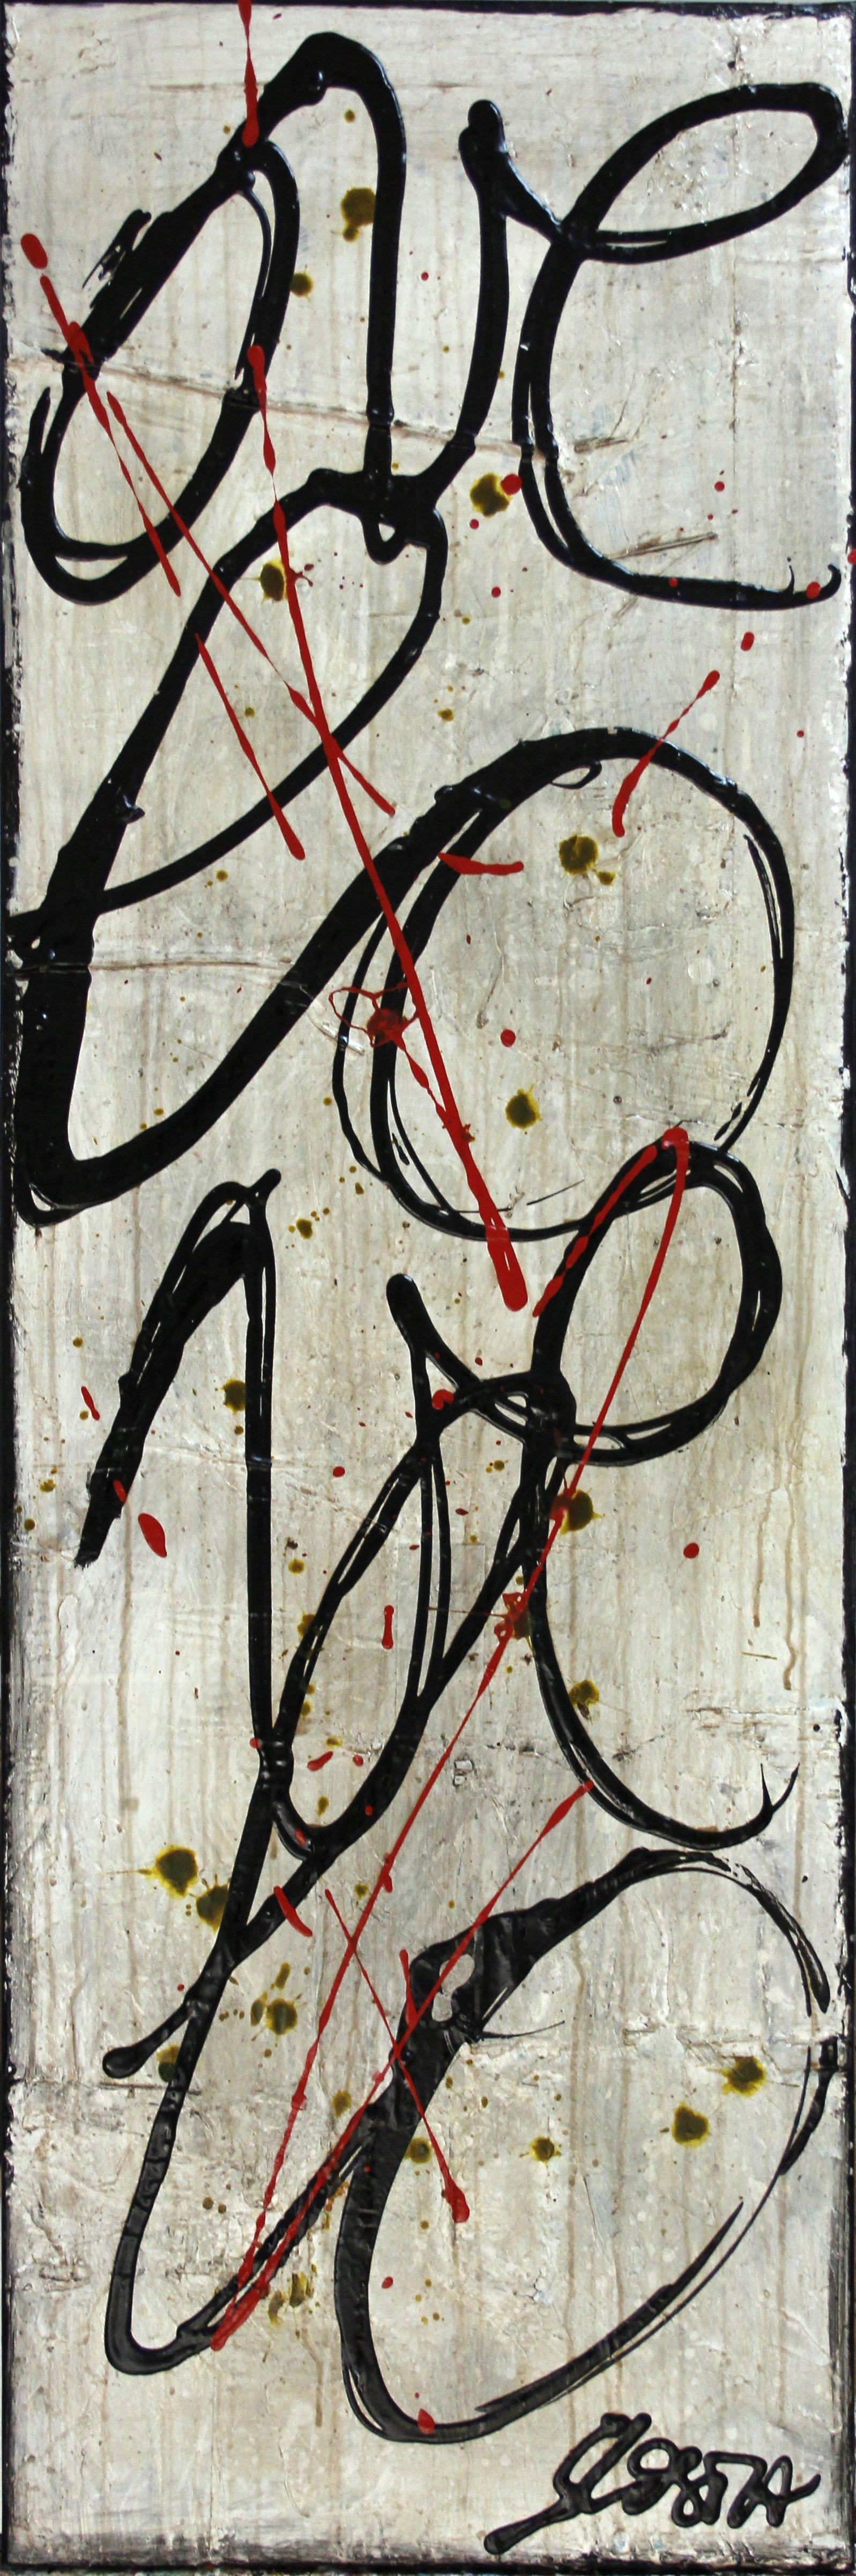 noir, blanc, écriture Tableau Contemporain, L O V E. Sophie Costa, artiste peintre.